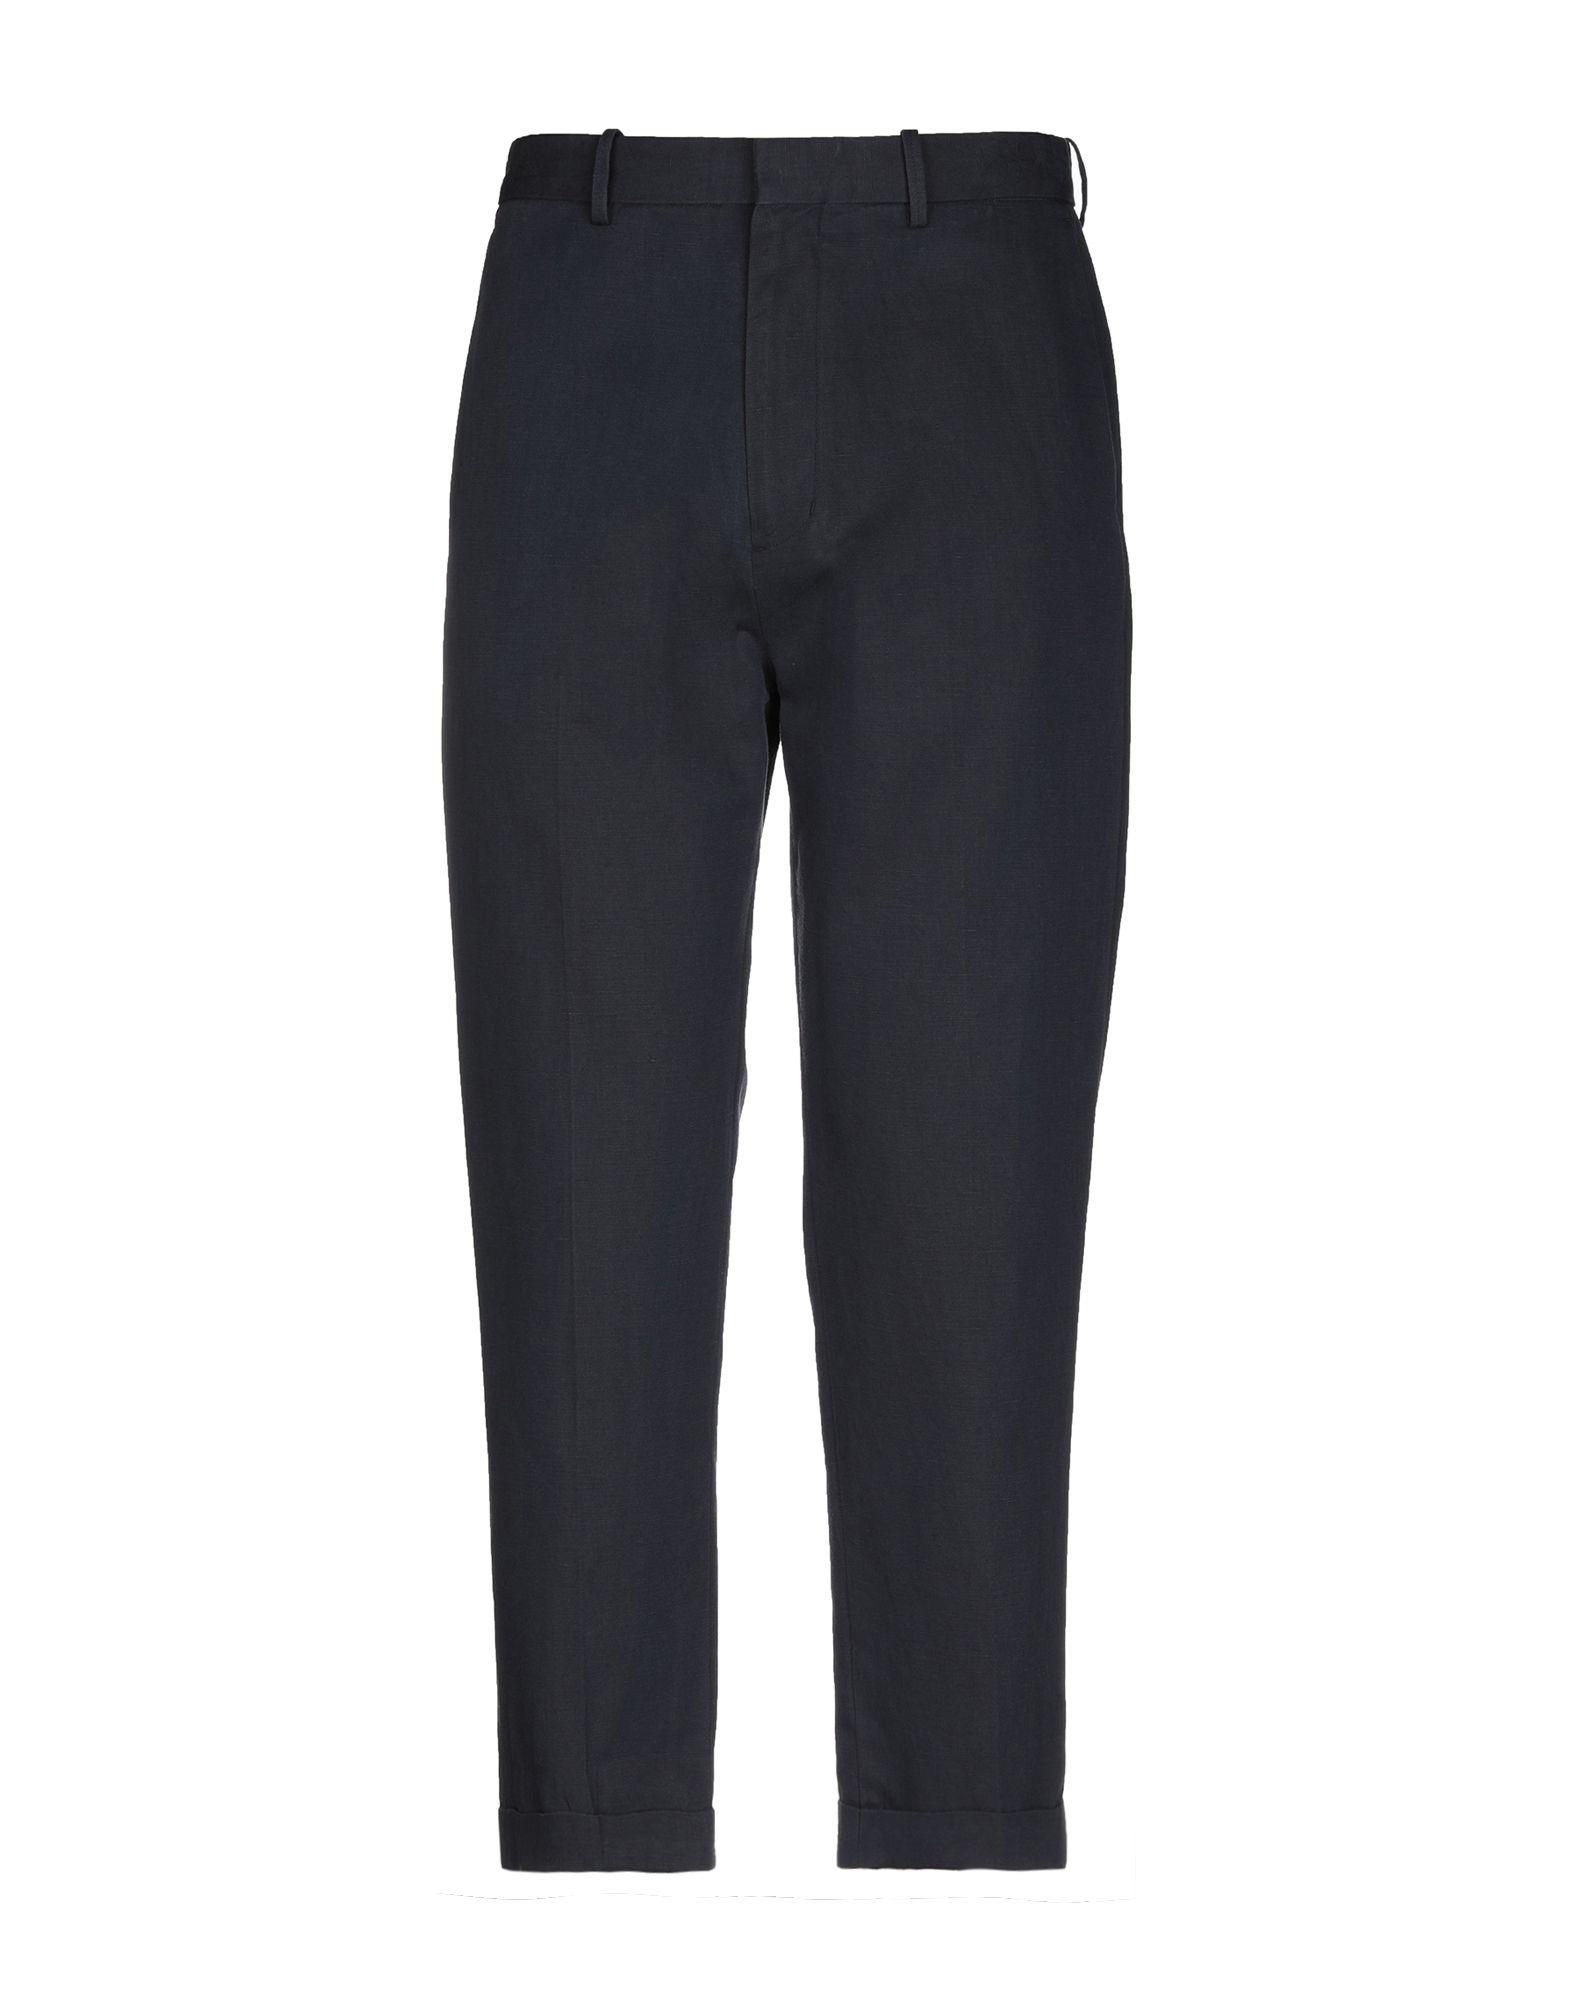 VINCE. Повседневные брюки 19 70 genuine wear повседневные брюки